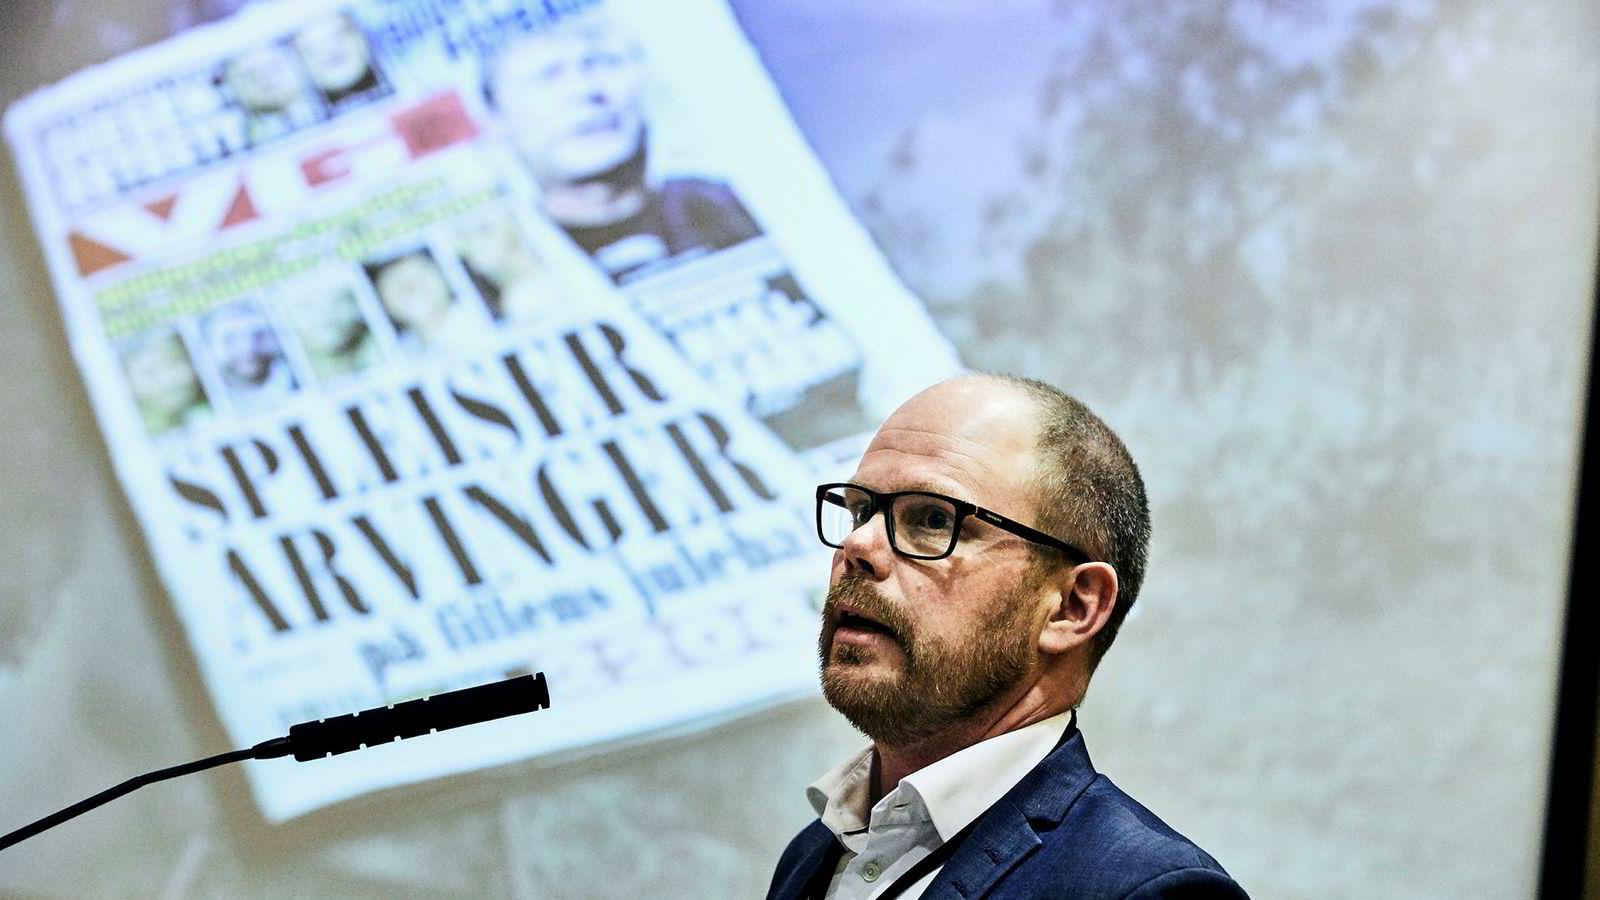 Gard Steiro er ansvarlig redaktør i VG.